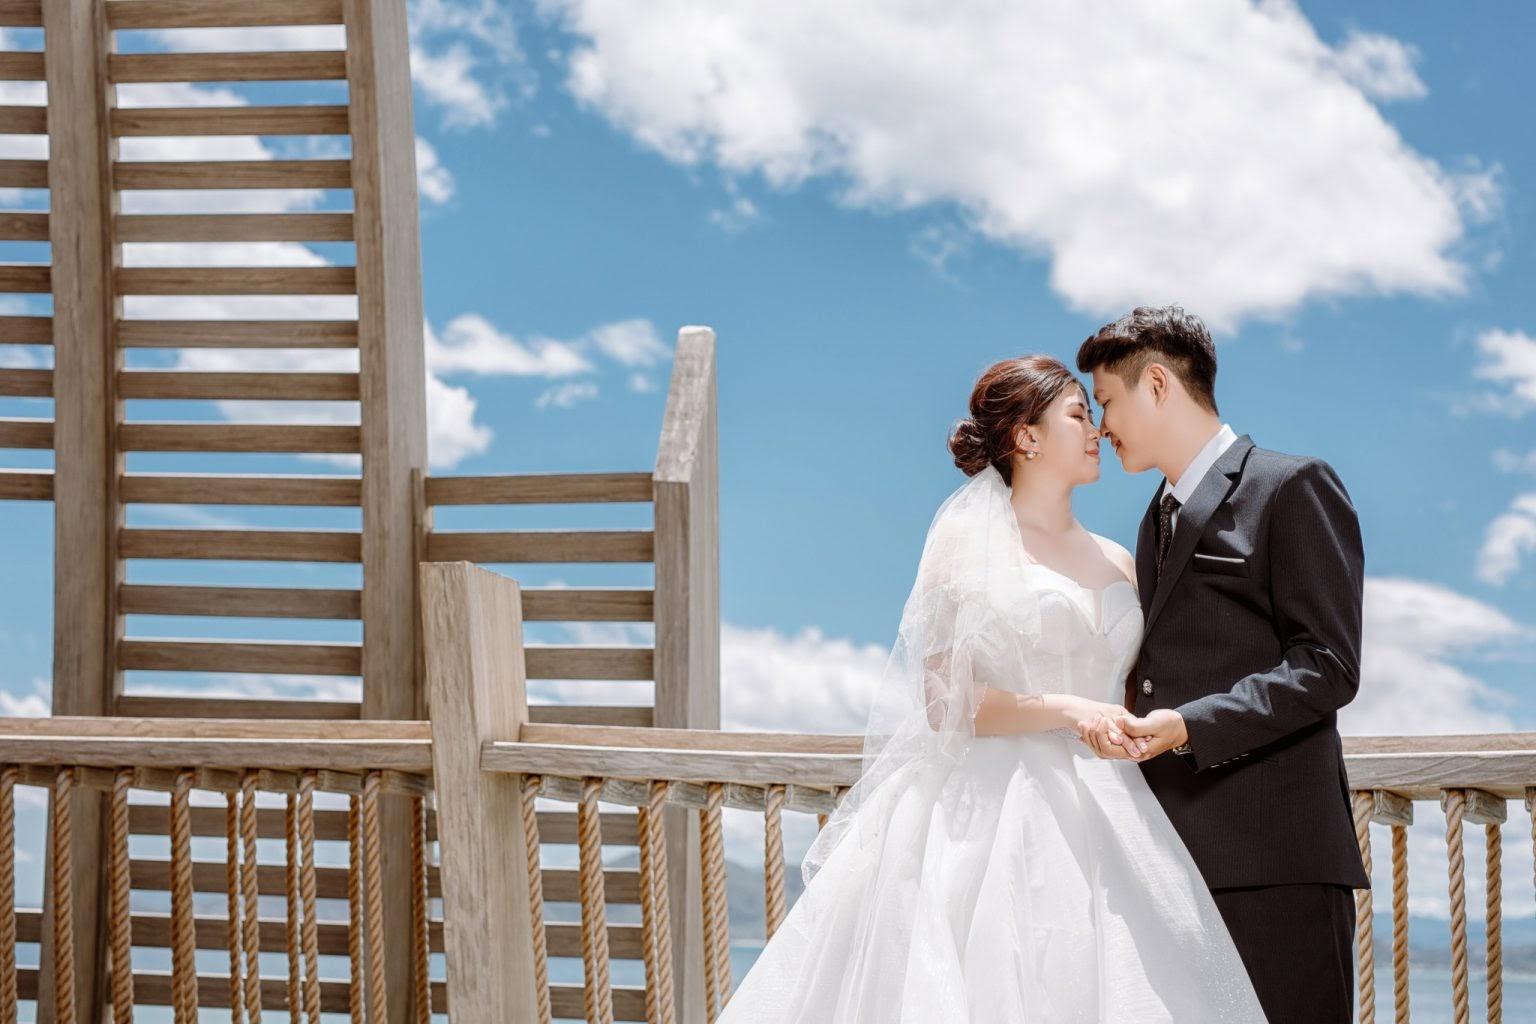 Ảnh cưới tại Resort đẹp tự nhiên và chân thật